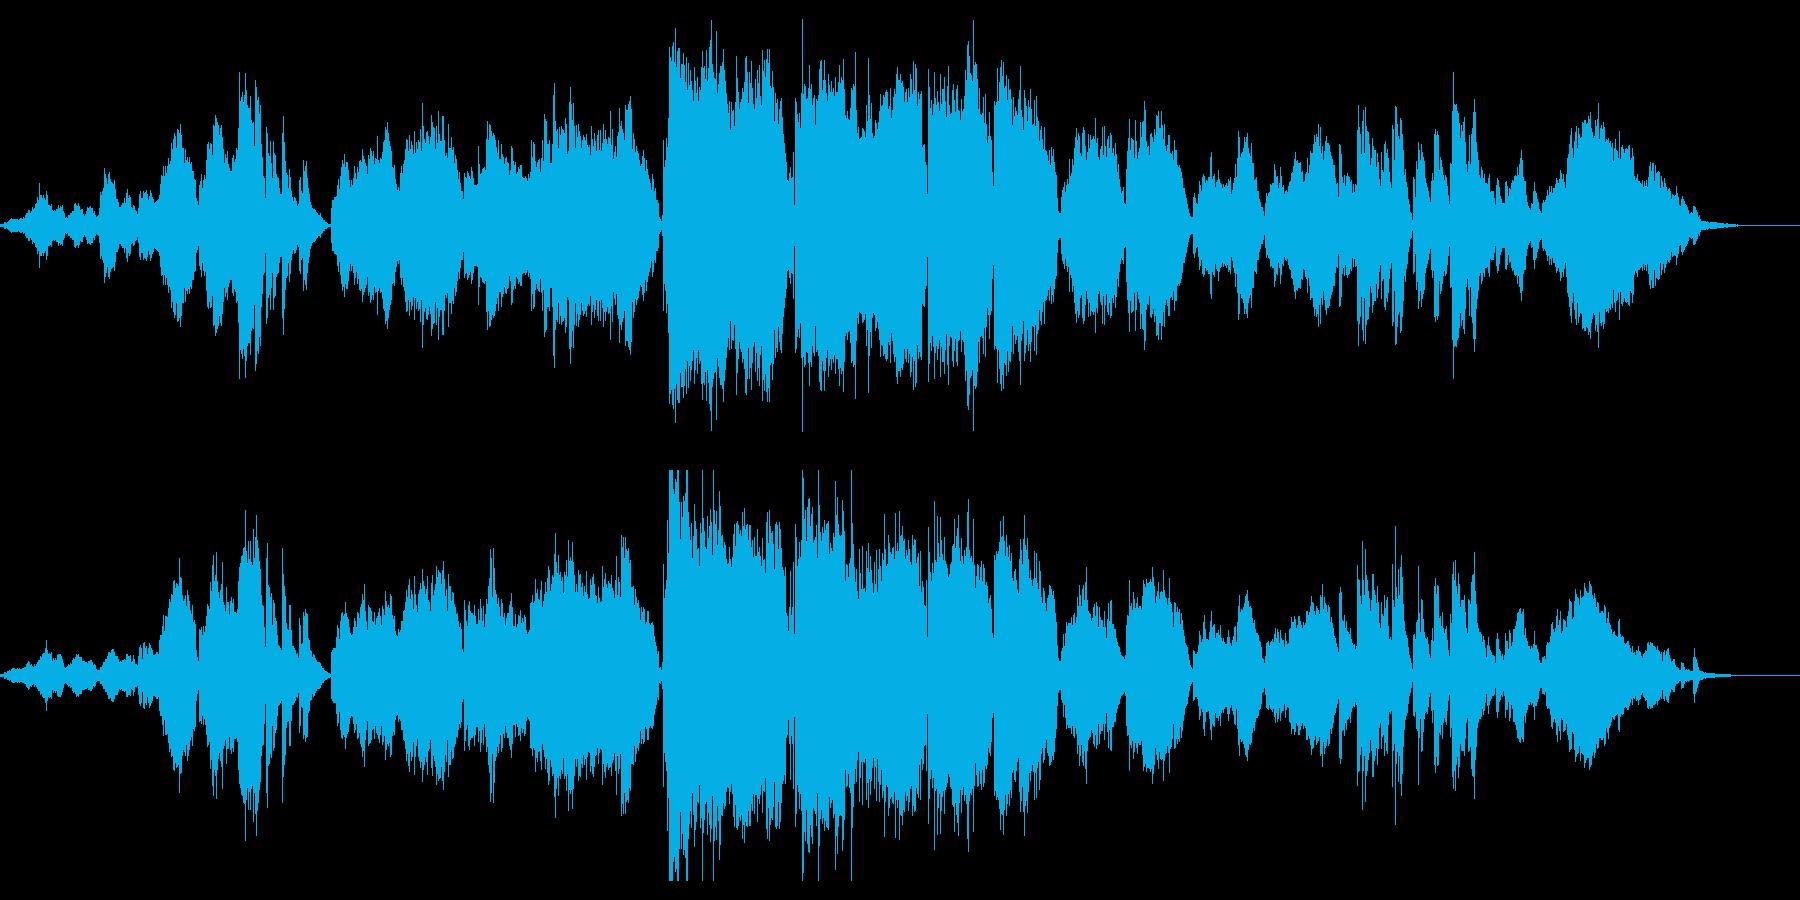 森をイメージしたアンサンブルの再生済みの波形